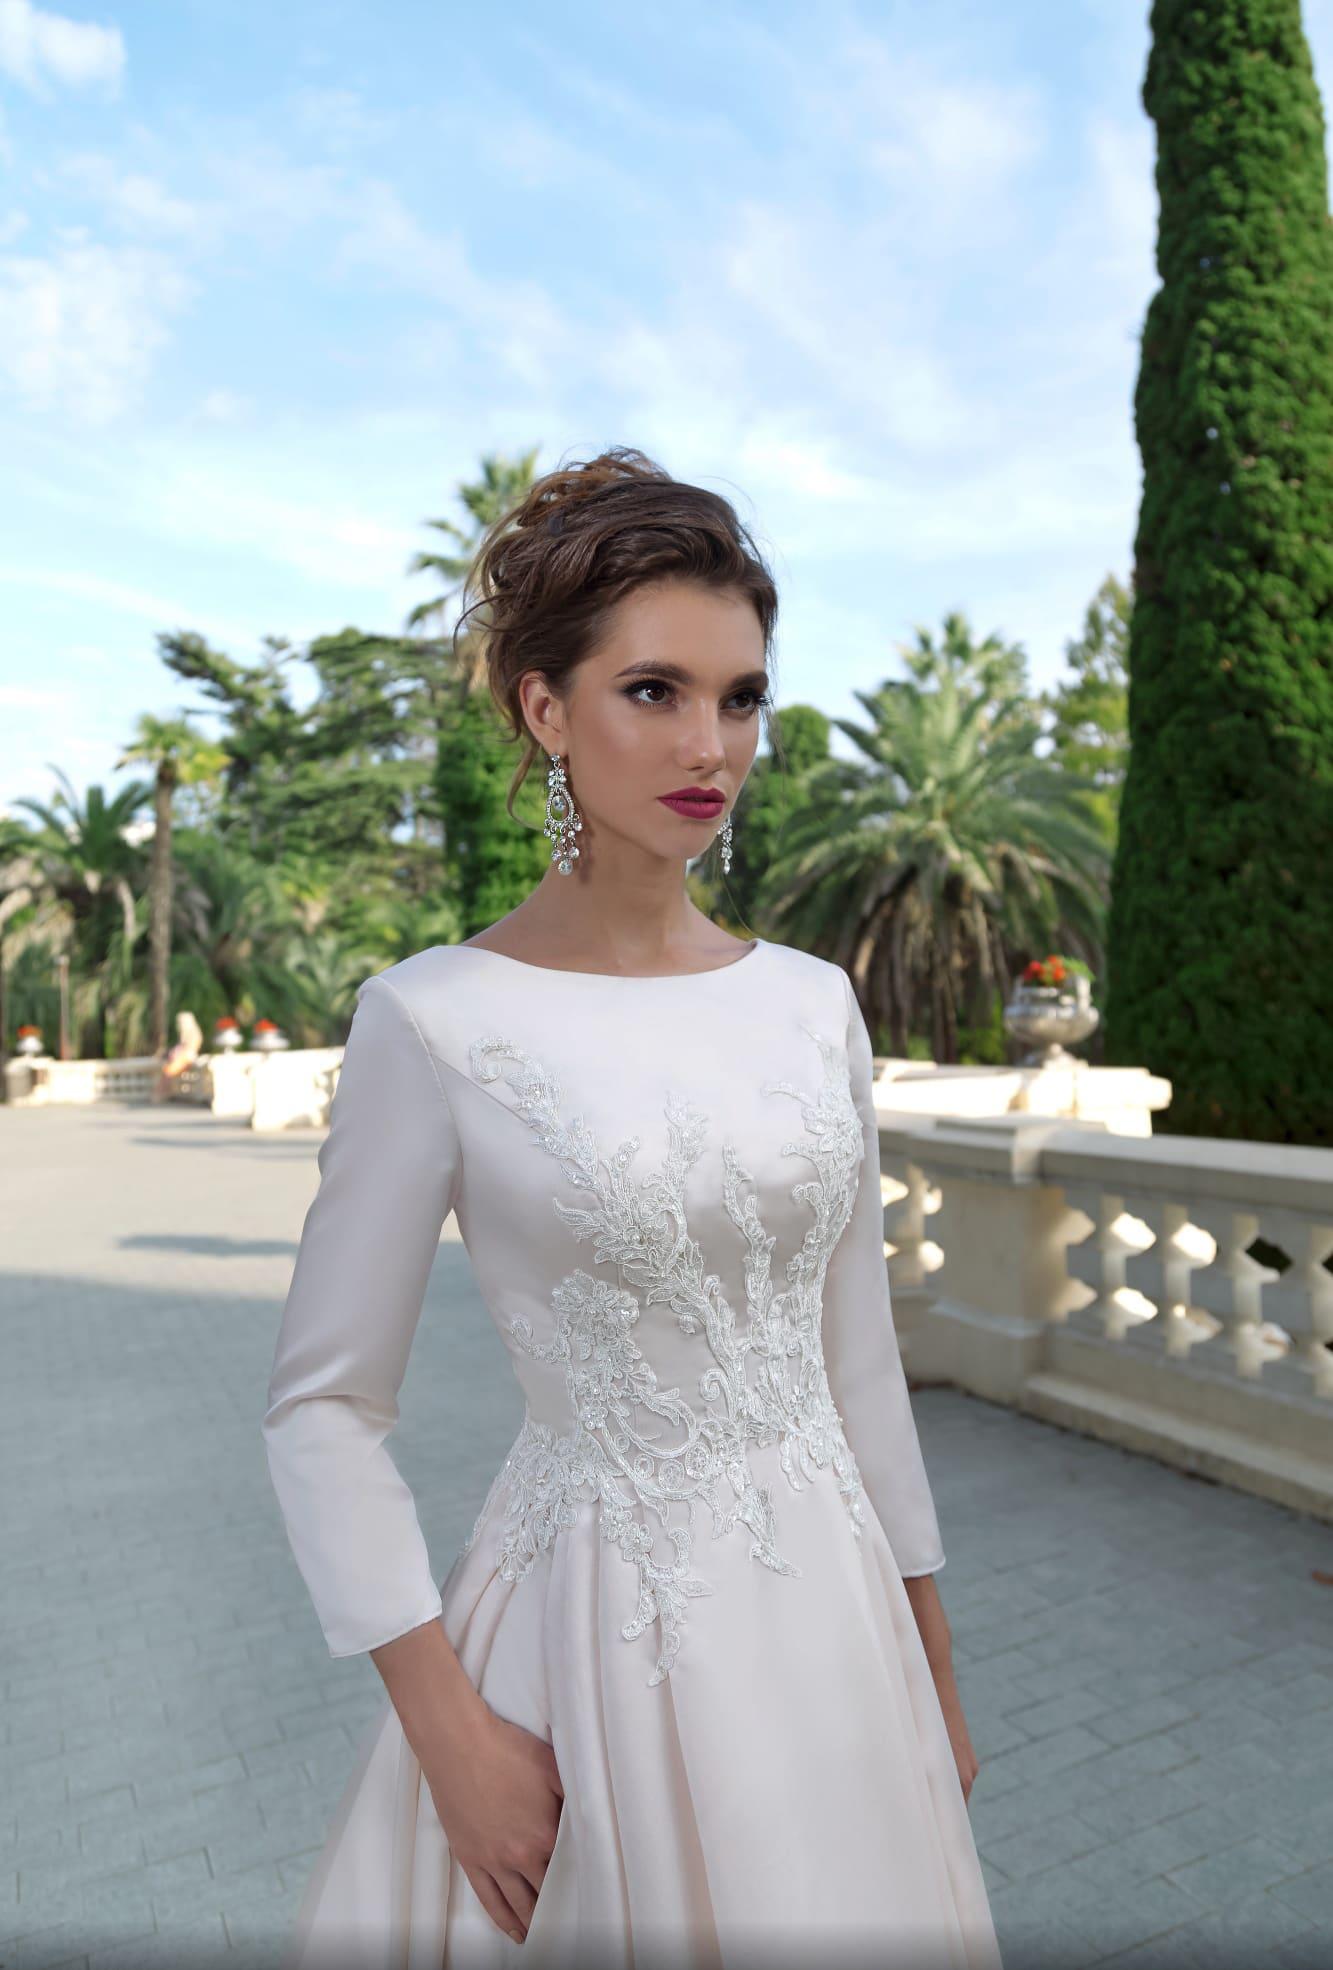 99b25c4a44e8f9f Свадебное платье Divino Rose Sofia ▷ Свадебный Торговый Центр Вега ...